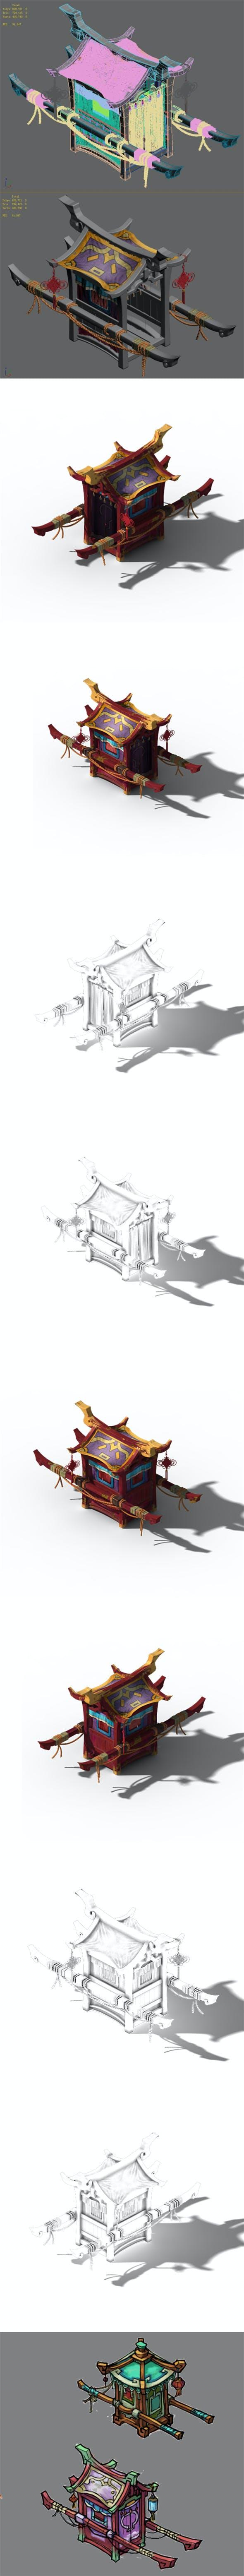 Lin an City components - sedan chair 01 - 3DOcean Item for Sale